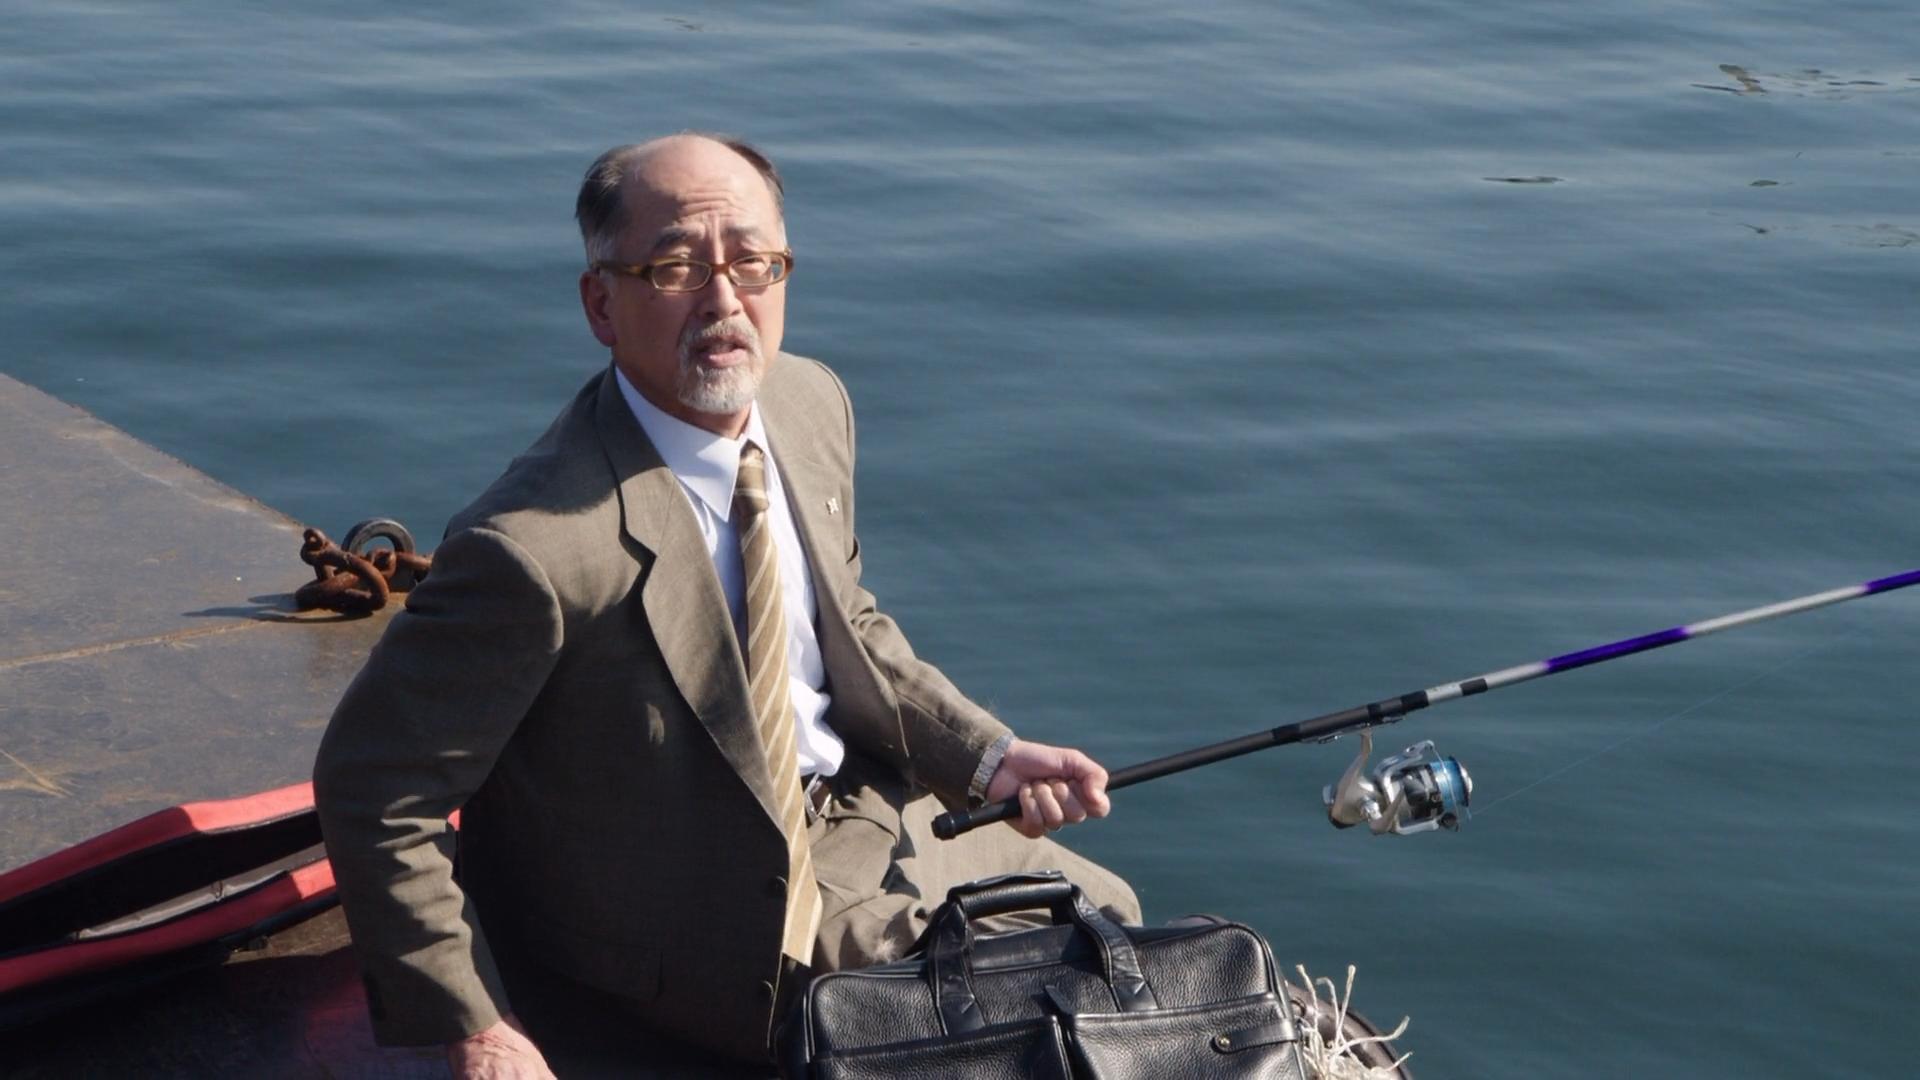 Shoji Sugimura